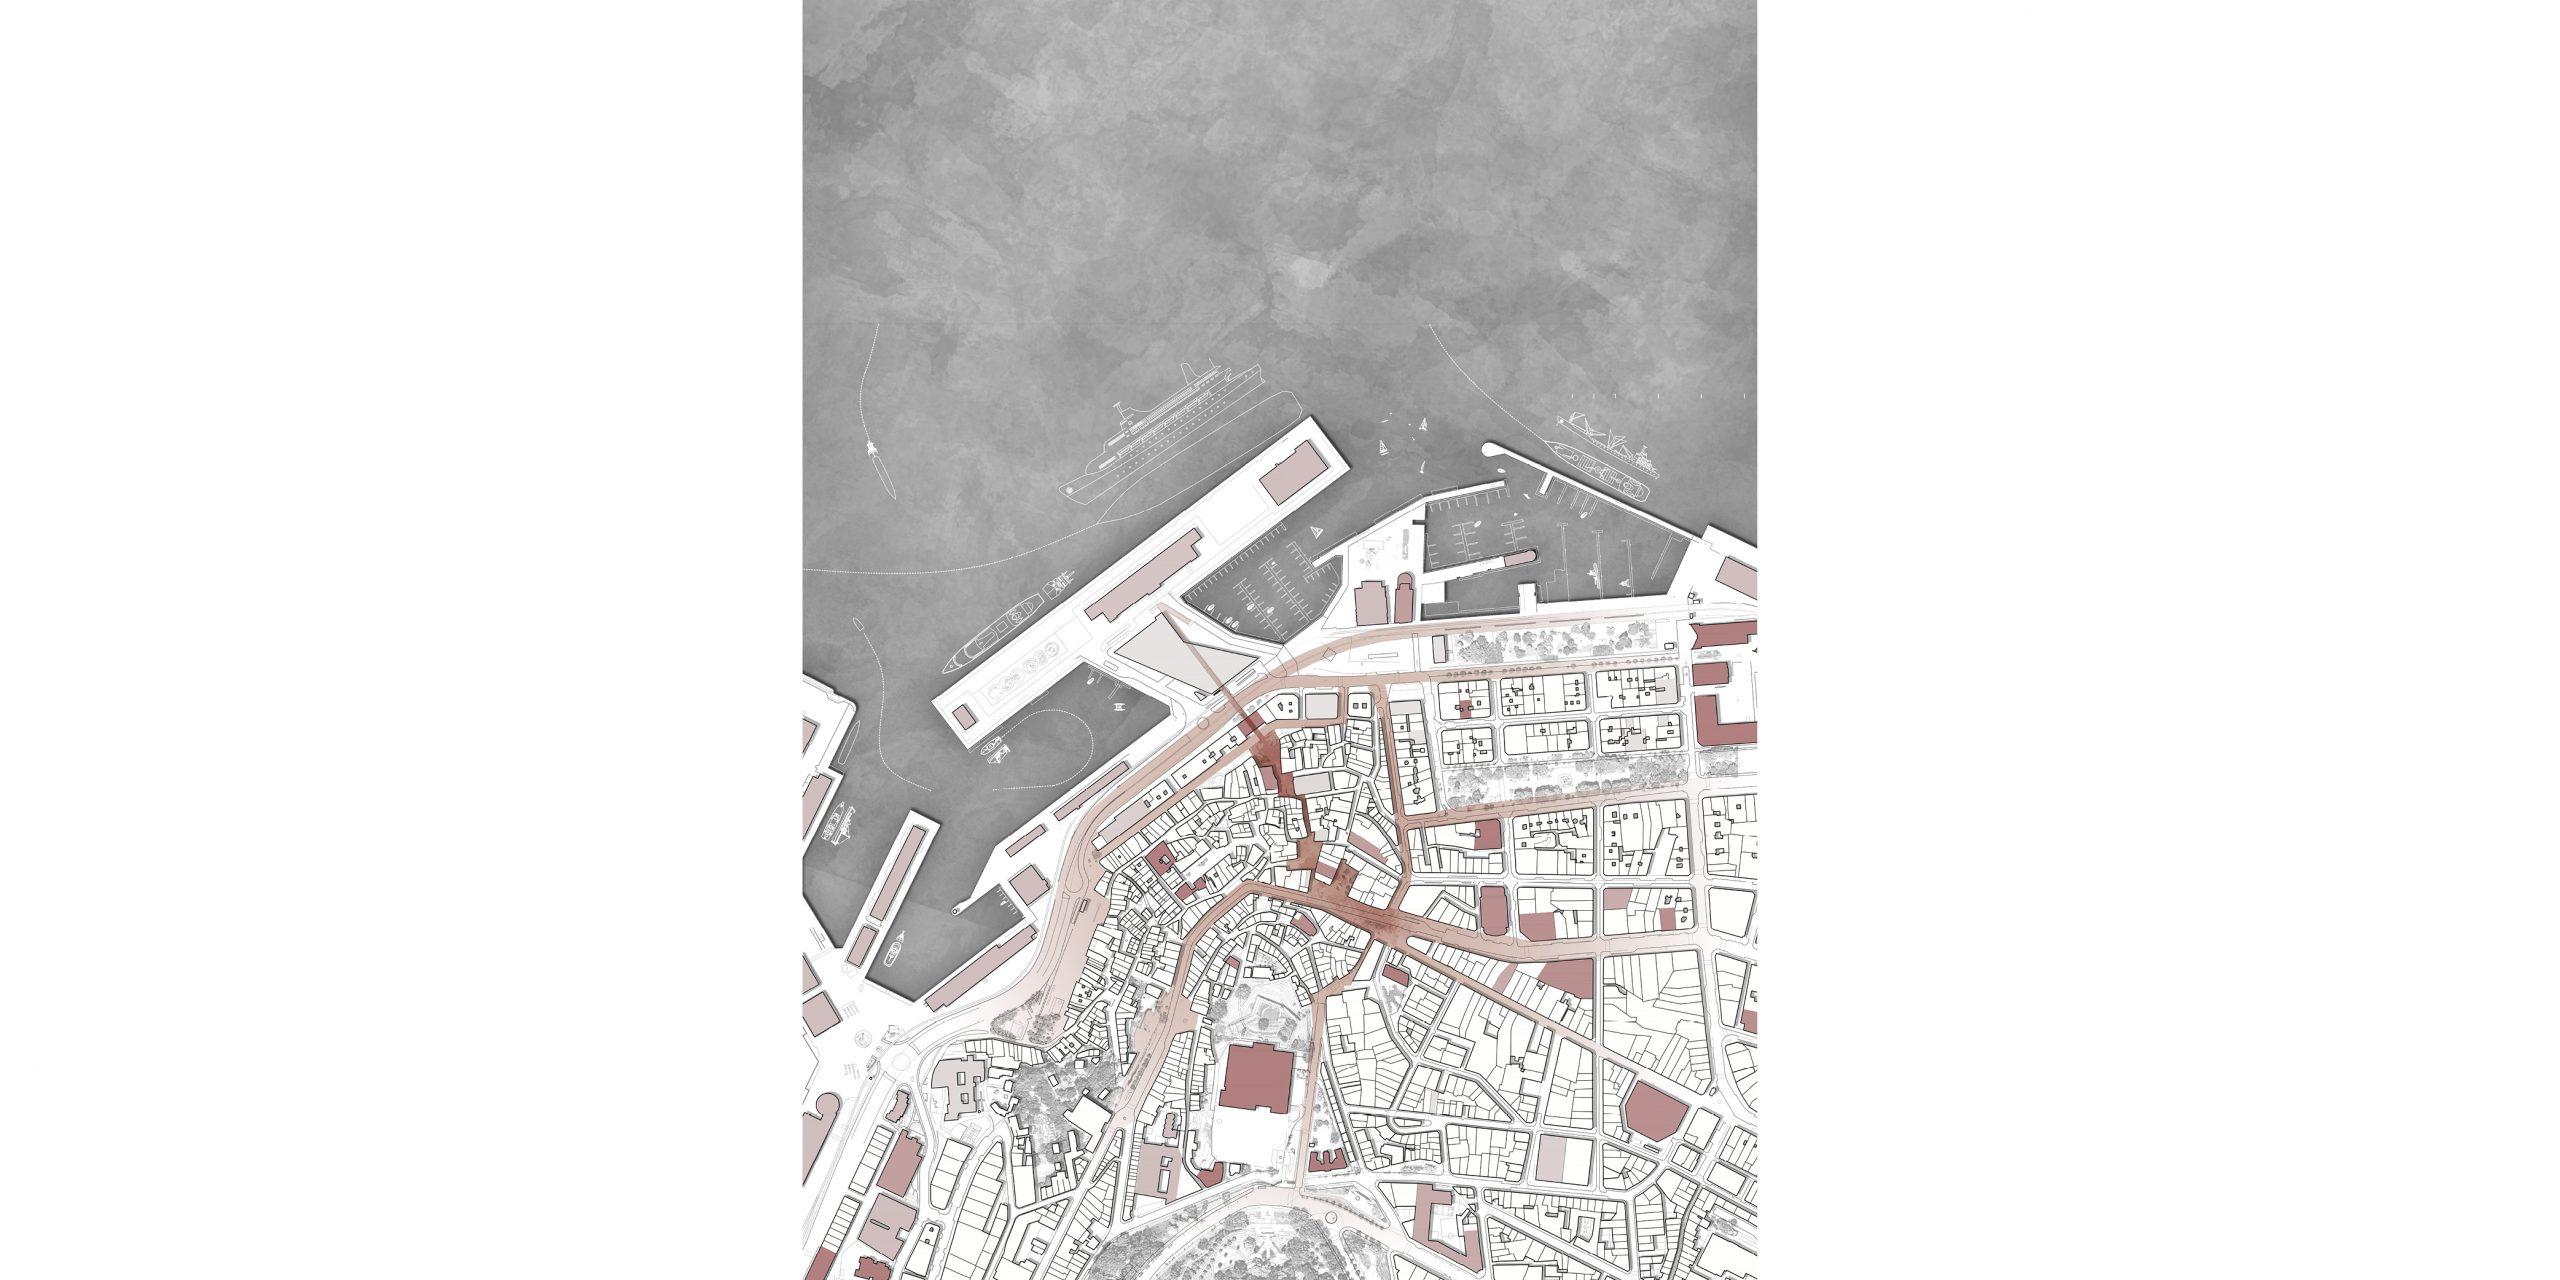 La Plaza de la Iglesia como núcleo generador del espacio público